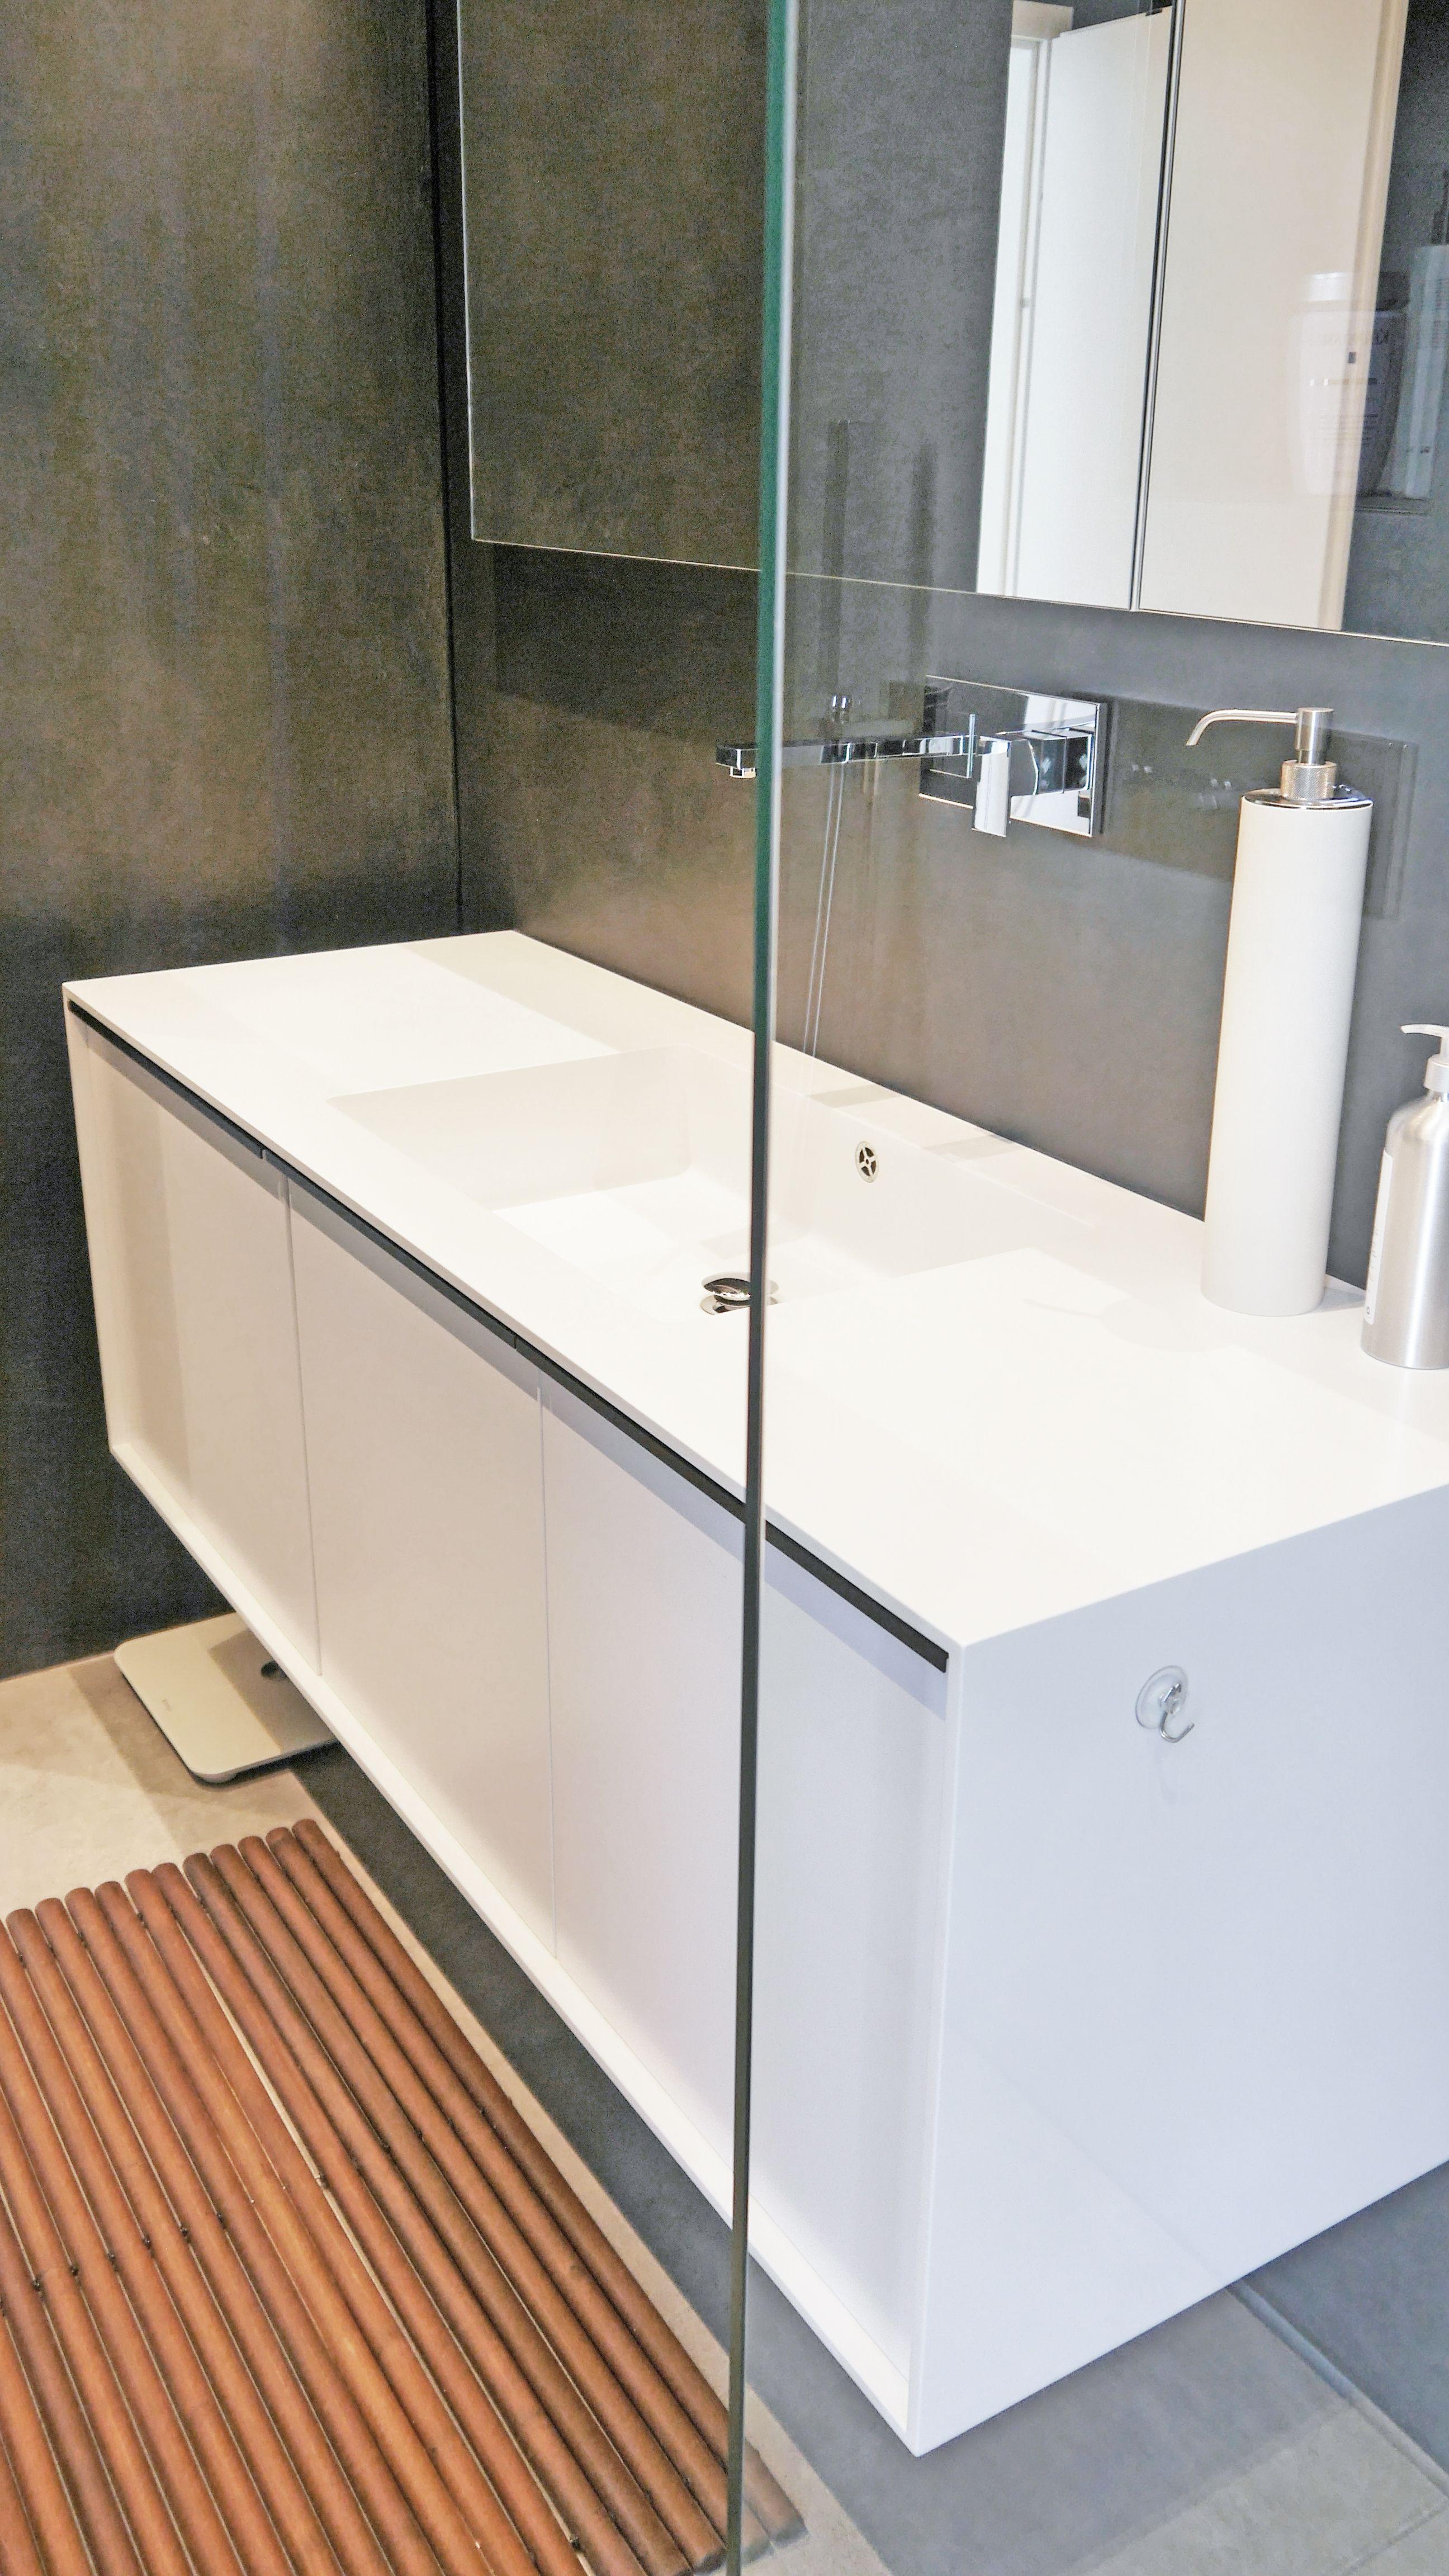 Waschtisch Mit Mineralwerkstoff Rahmen Waschtisch Einbaumobel Badezimmer Waschtische